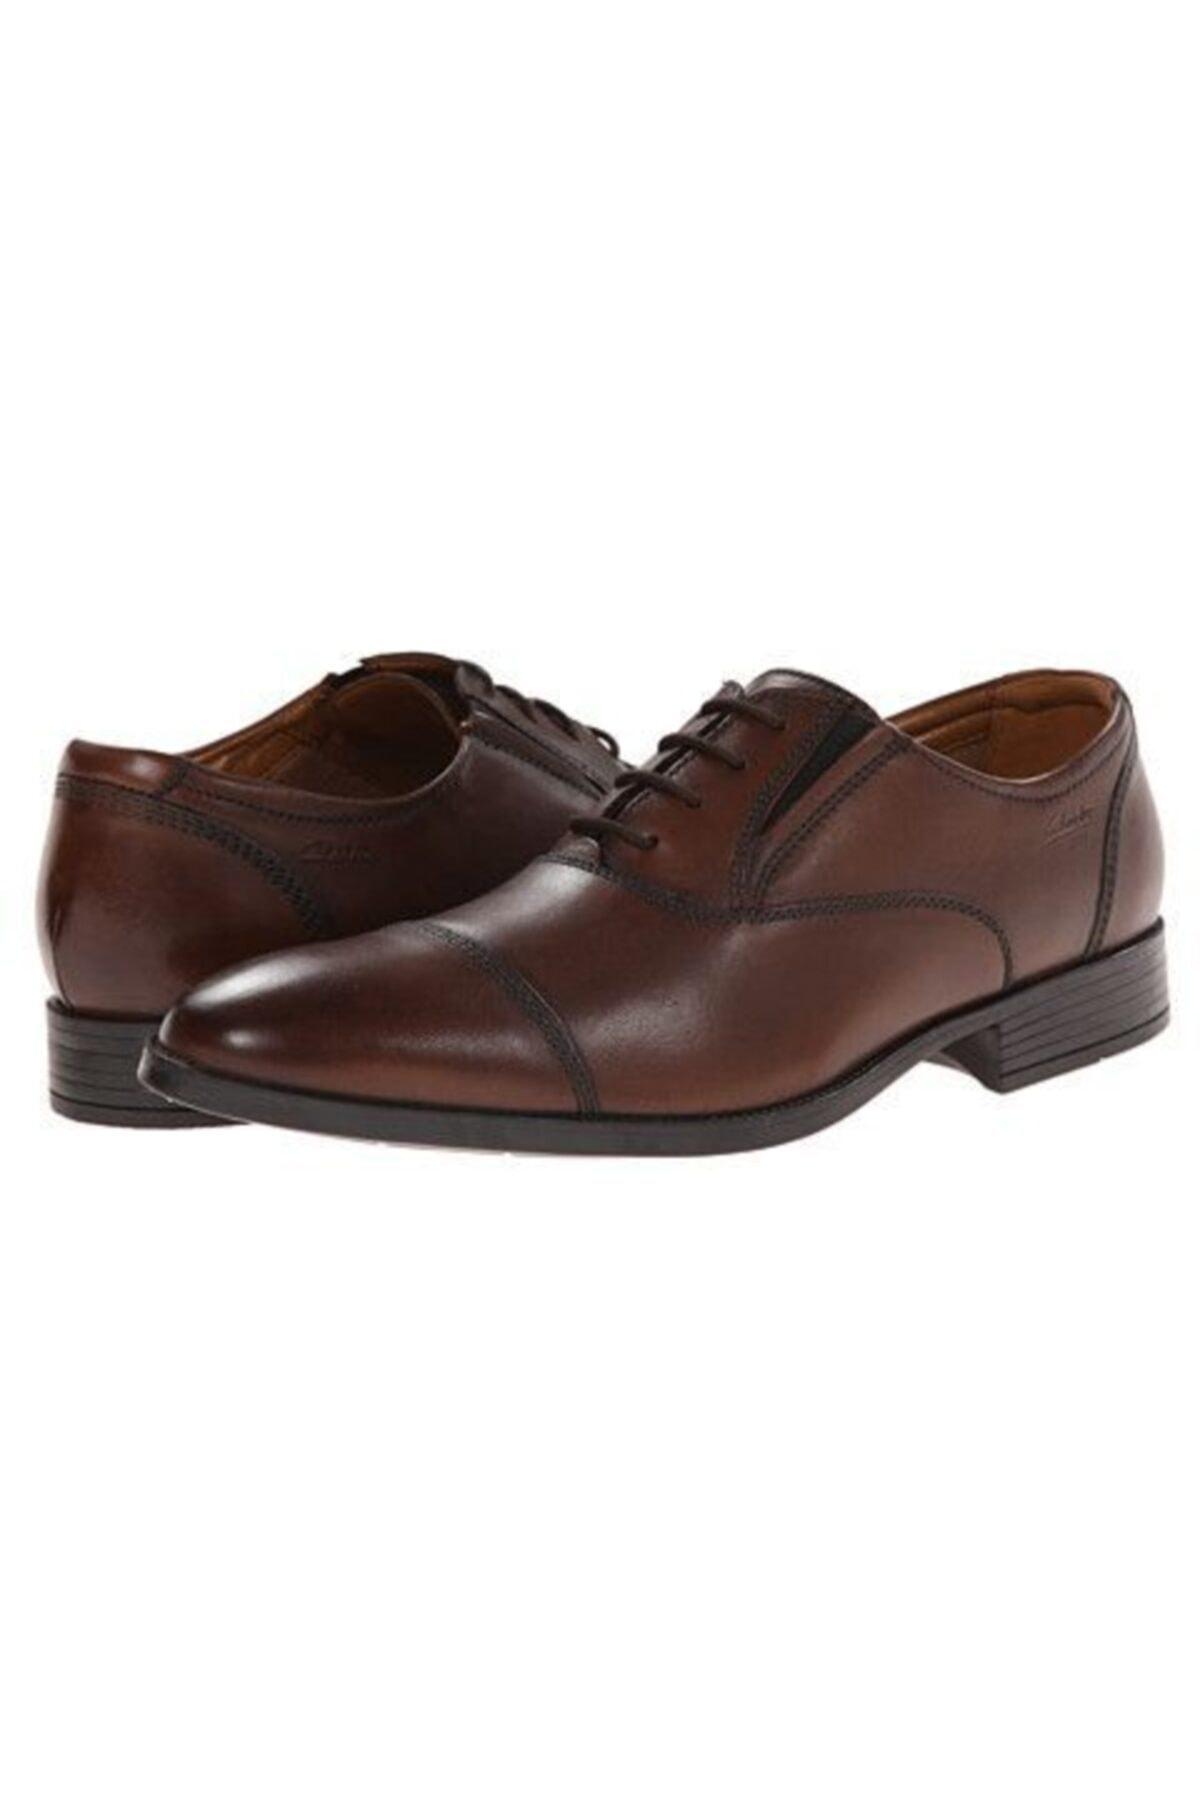 CLARKS Erkek Ayakkabı Bağcıklı Şık Ve Rahat Kalden Cap 1